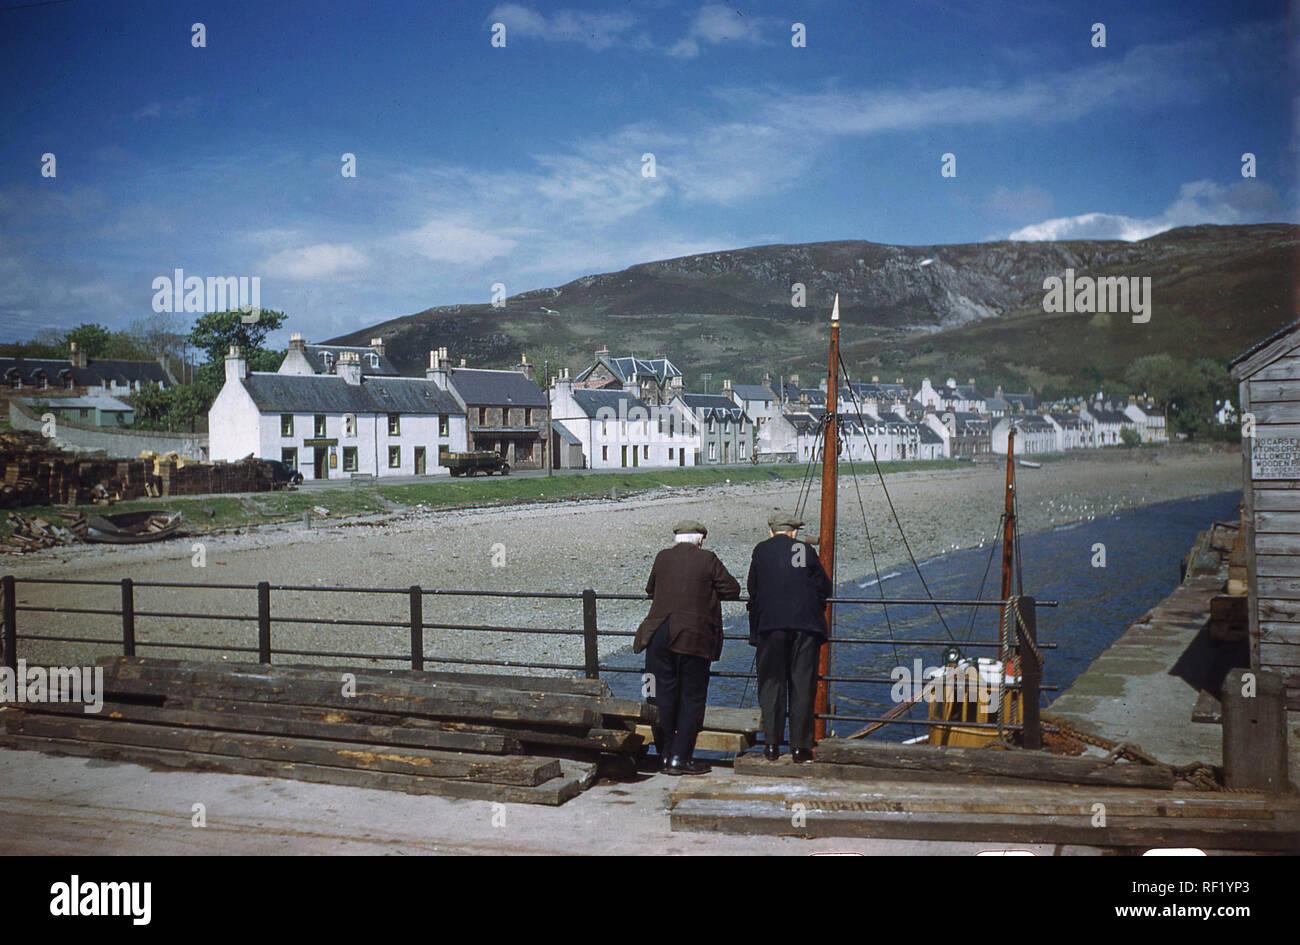 Anni sessanta, storico locale di due uomini stavano in piedi su un ponte al porto guardando indietro al villaggio delle highland di Ullapool, Highlands, Scotland, Regno Unito. Immagini Stock